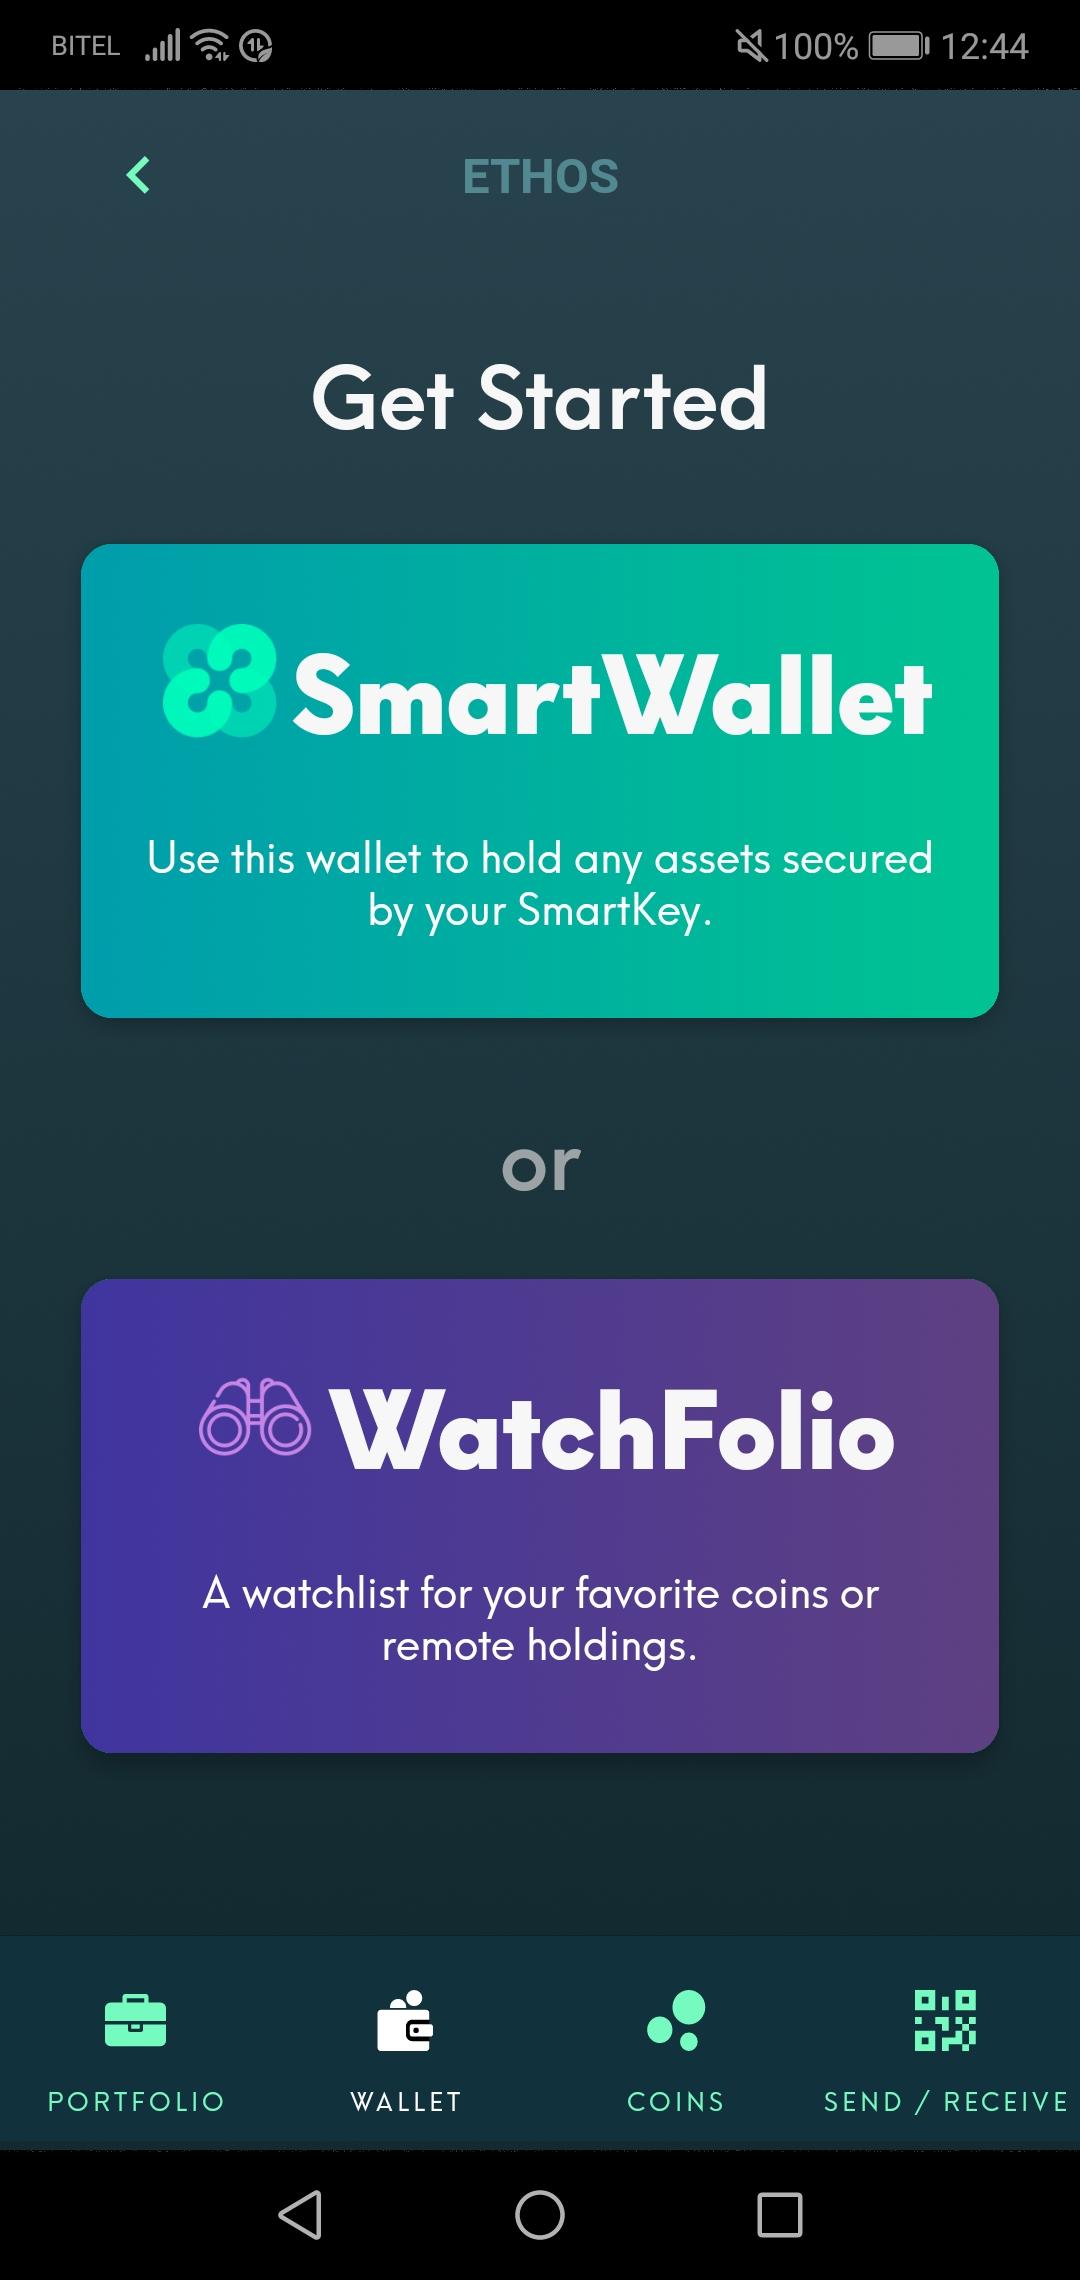 Ethos Neues Wallet hinzufügen